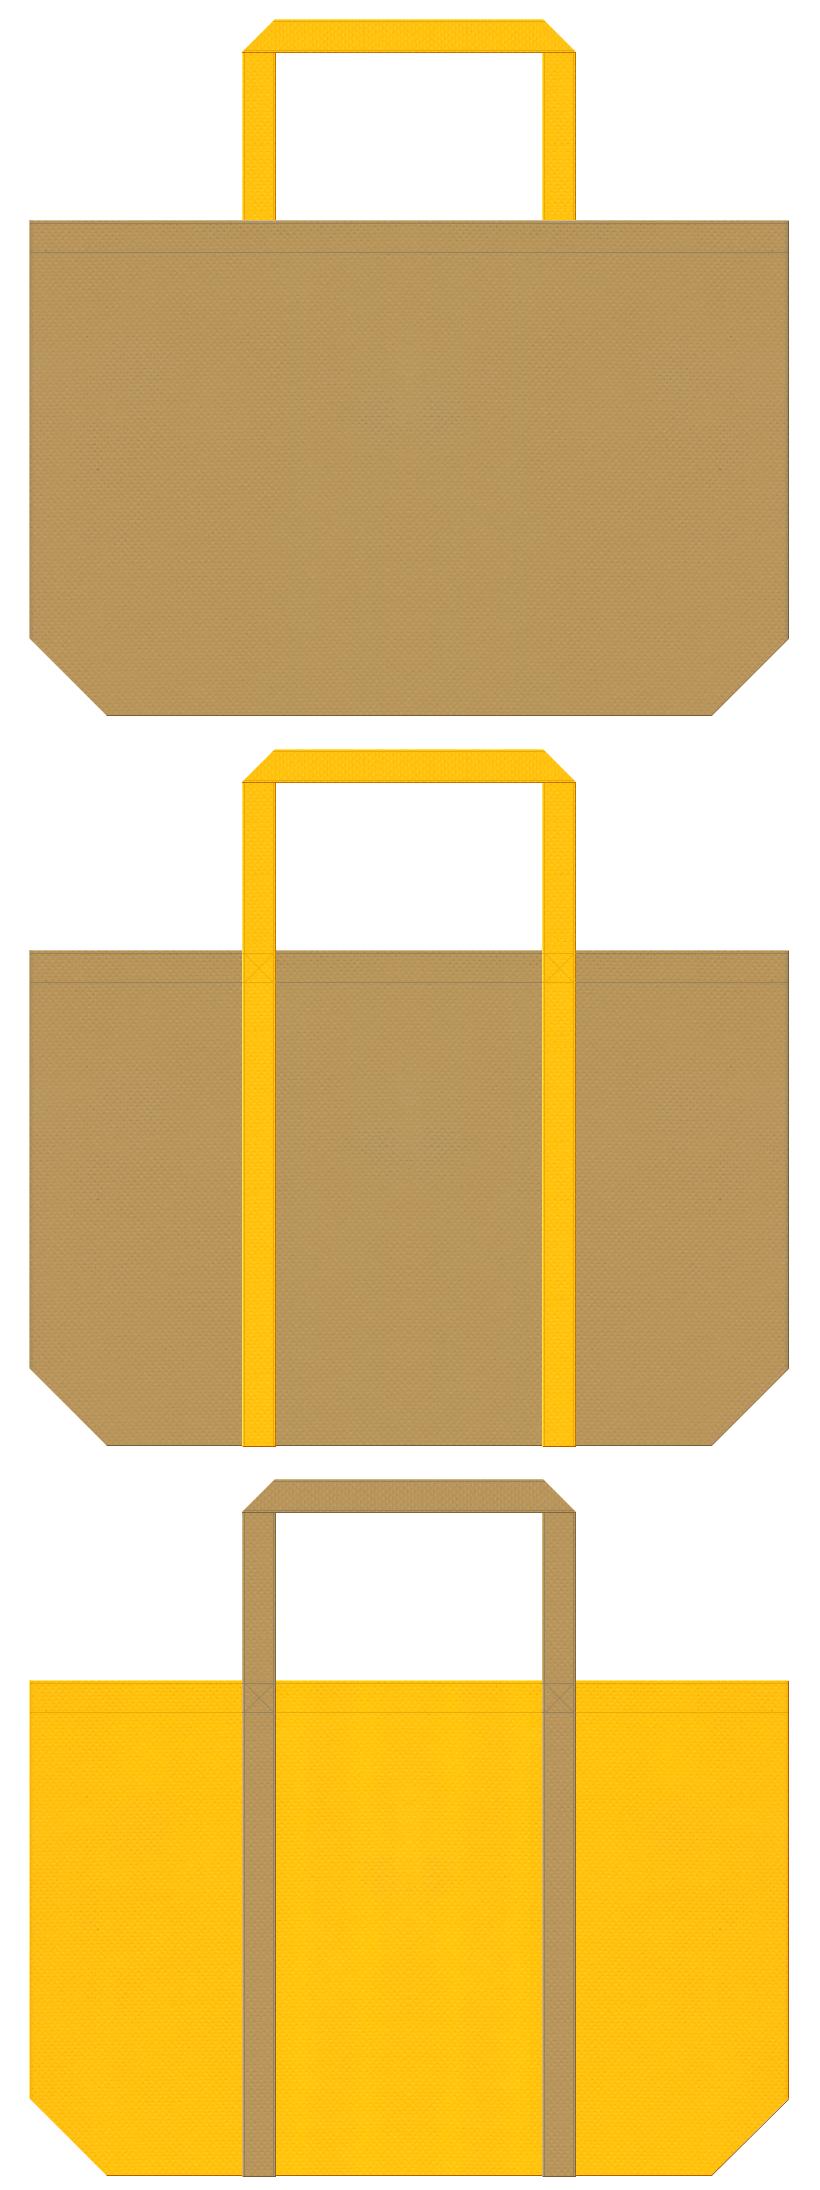 はちみつ・マスタード・カレーパン・マロンケーキ・ベーカリー・安全用品・工具・DIY・ゲーム・黄金・ピラミッド・キッズイベント・テーマパークにお奨めの不織布バッグデザイン:金黄土色と黄色のコーデ